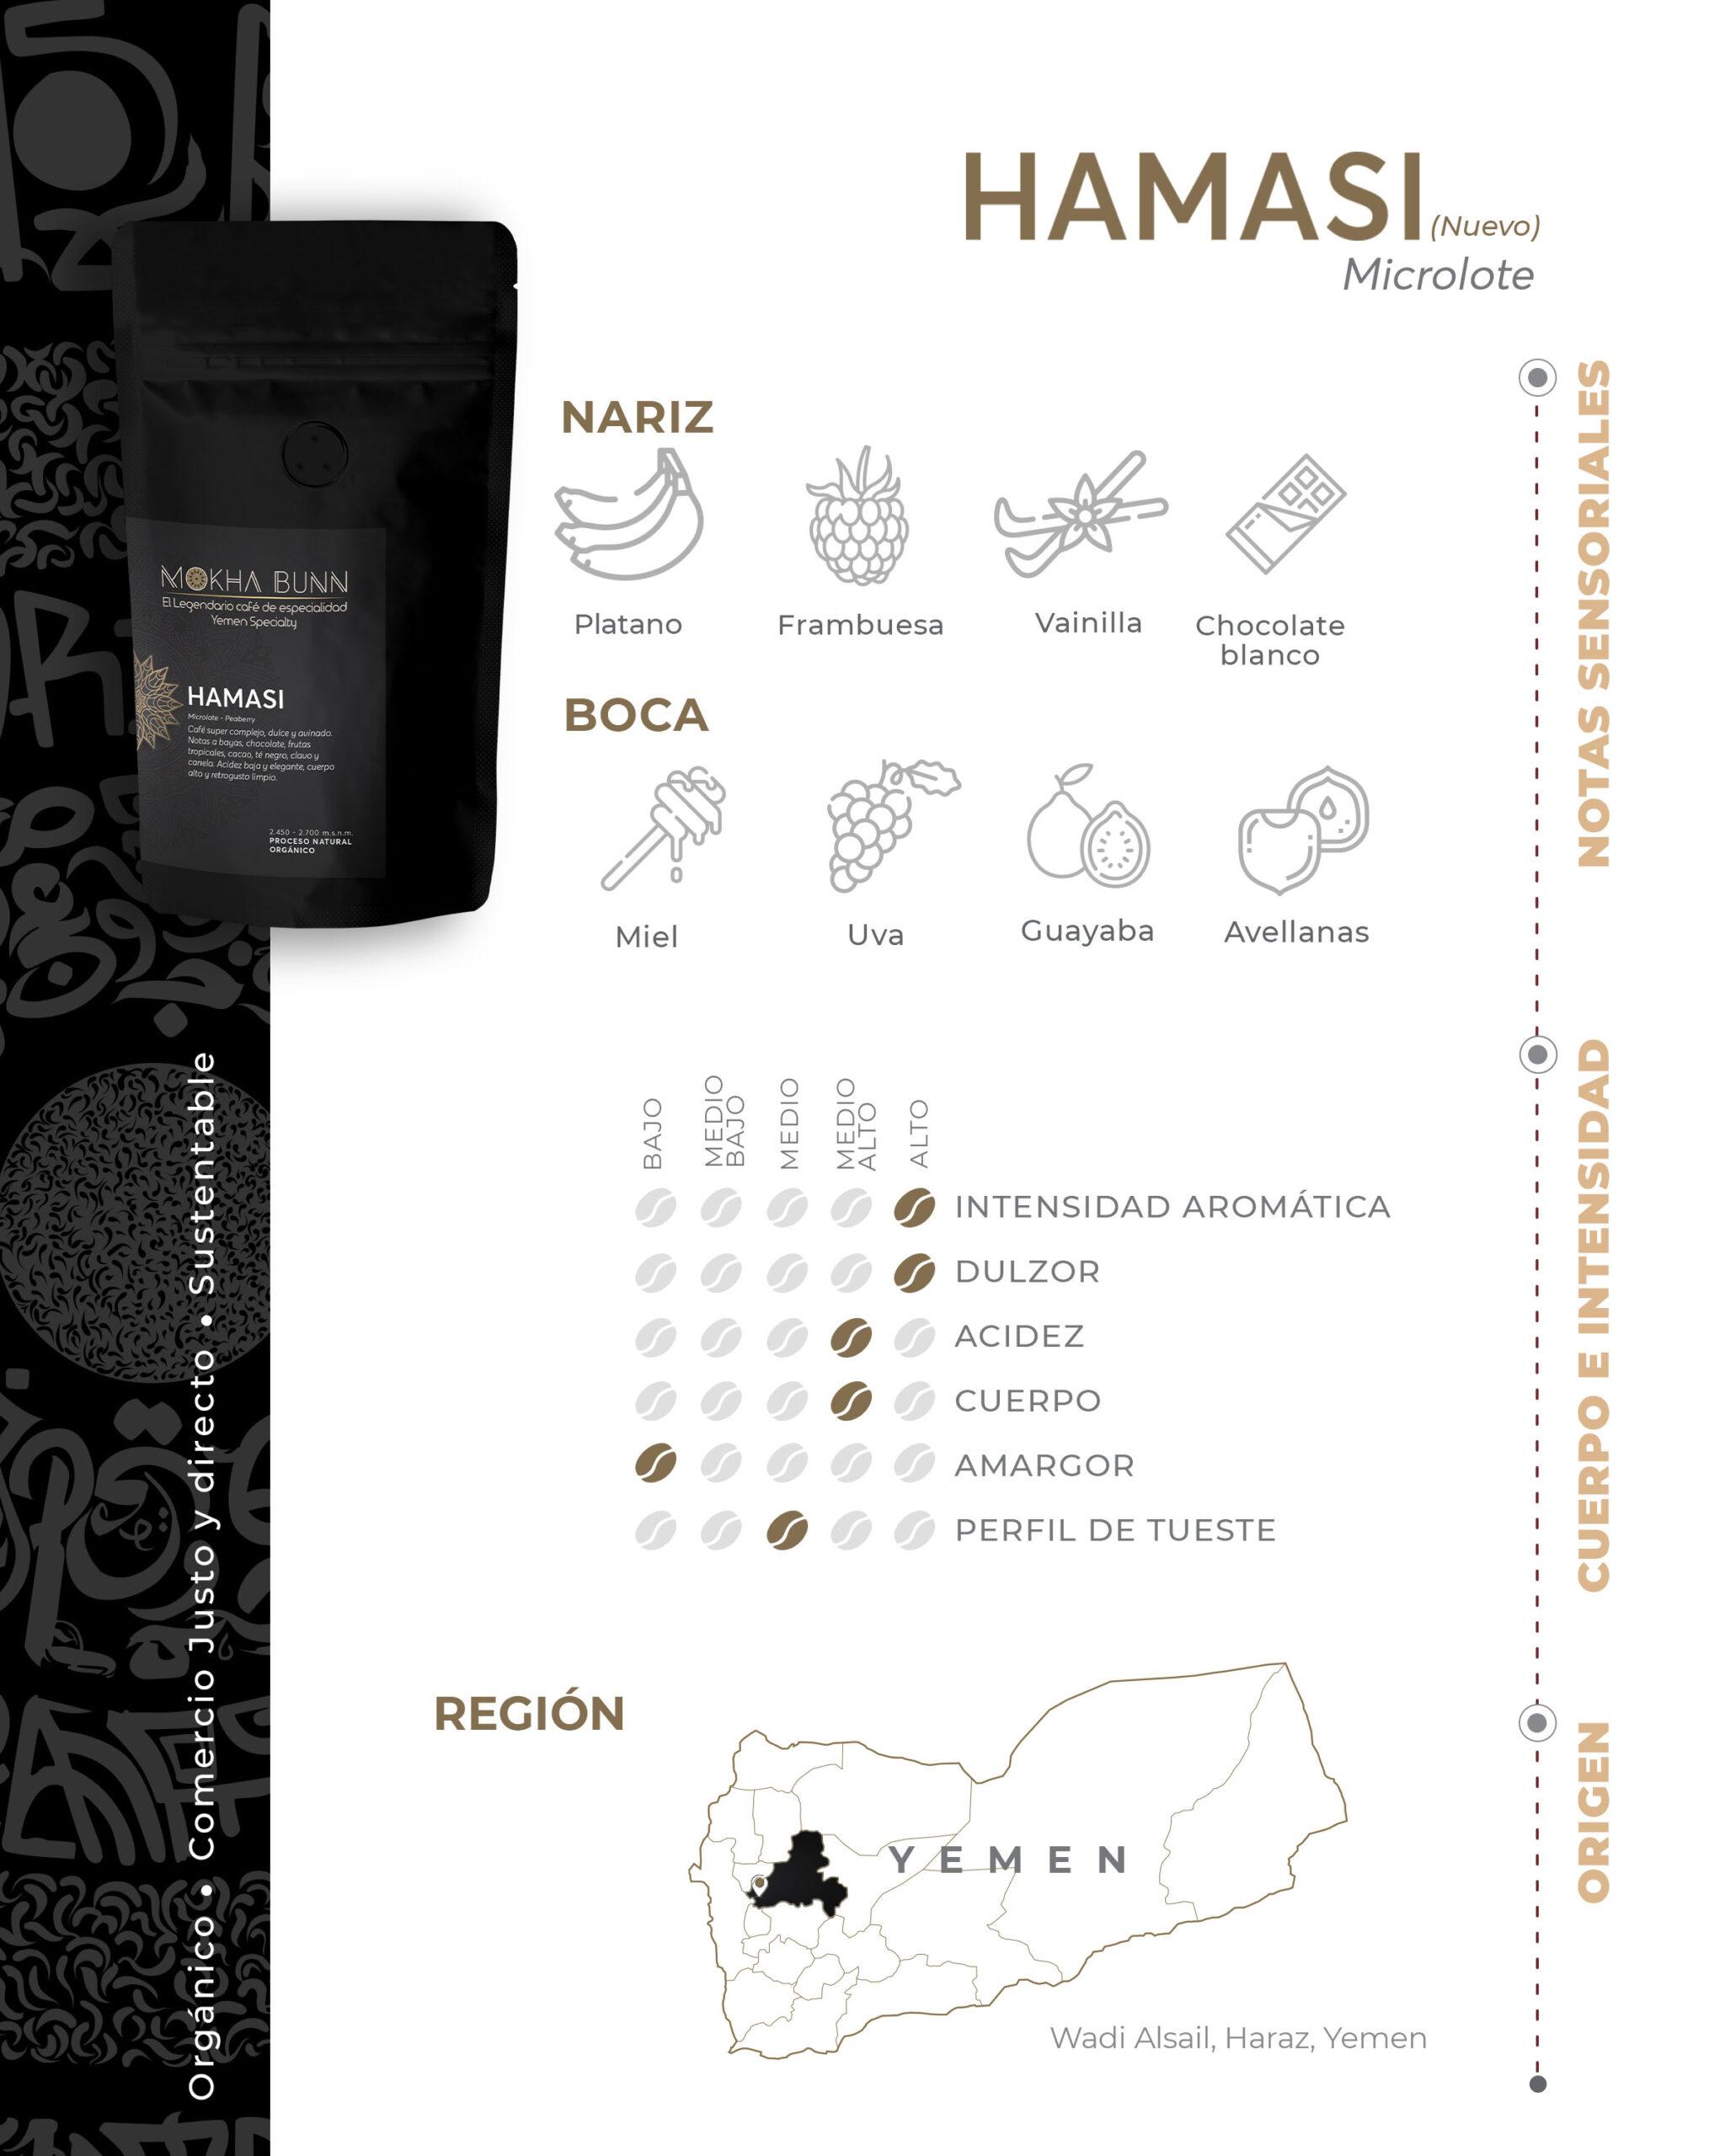 Hamasi-Café-De-Especialidad-De-Yemen-Mokha-Bunn